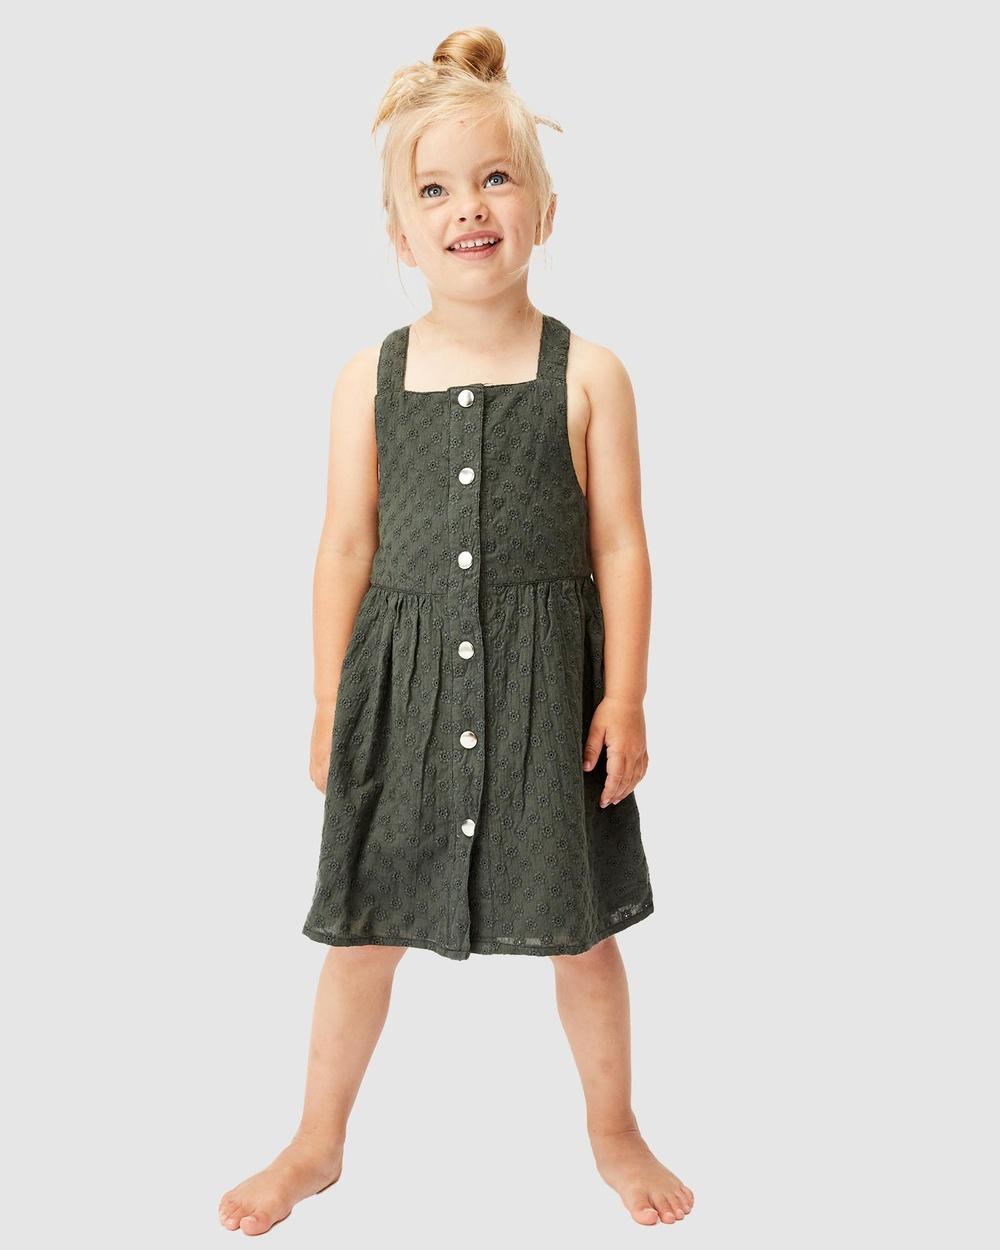 Milky Broderie Dress Kids Dresses Hunter Green Australia